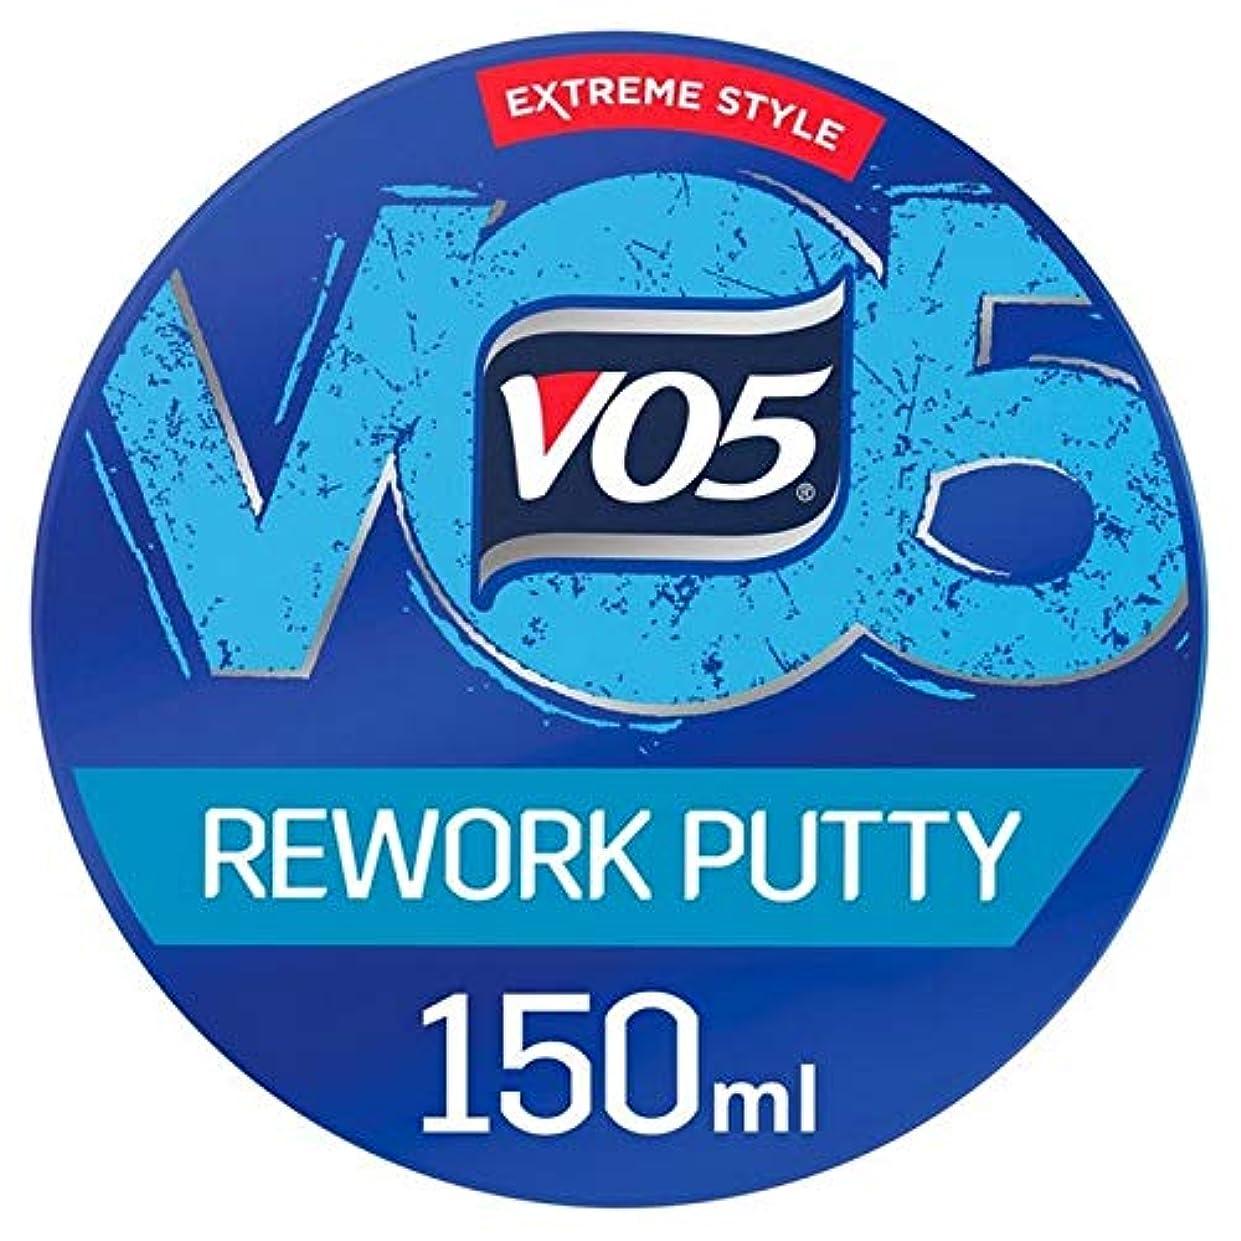 研磨ハーブ交じる[VO5] Vo5極端なスタイルリワークパテ150ミリリットル - VO5 Extreme Style Rework Putty 150ml [並行輸入品]